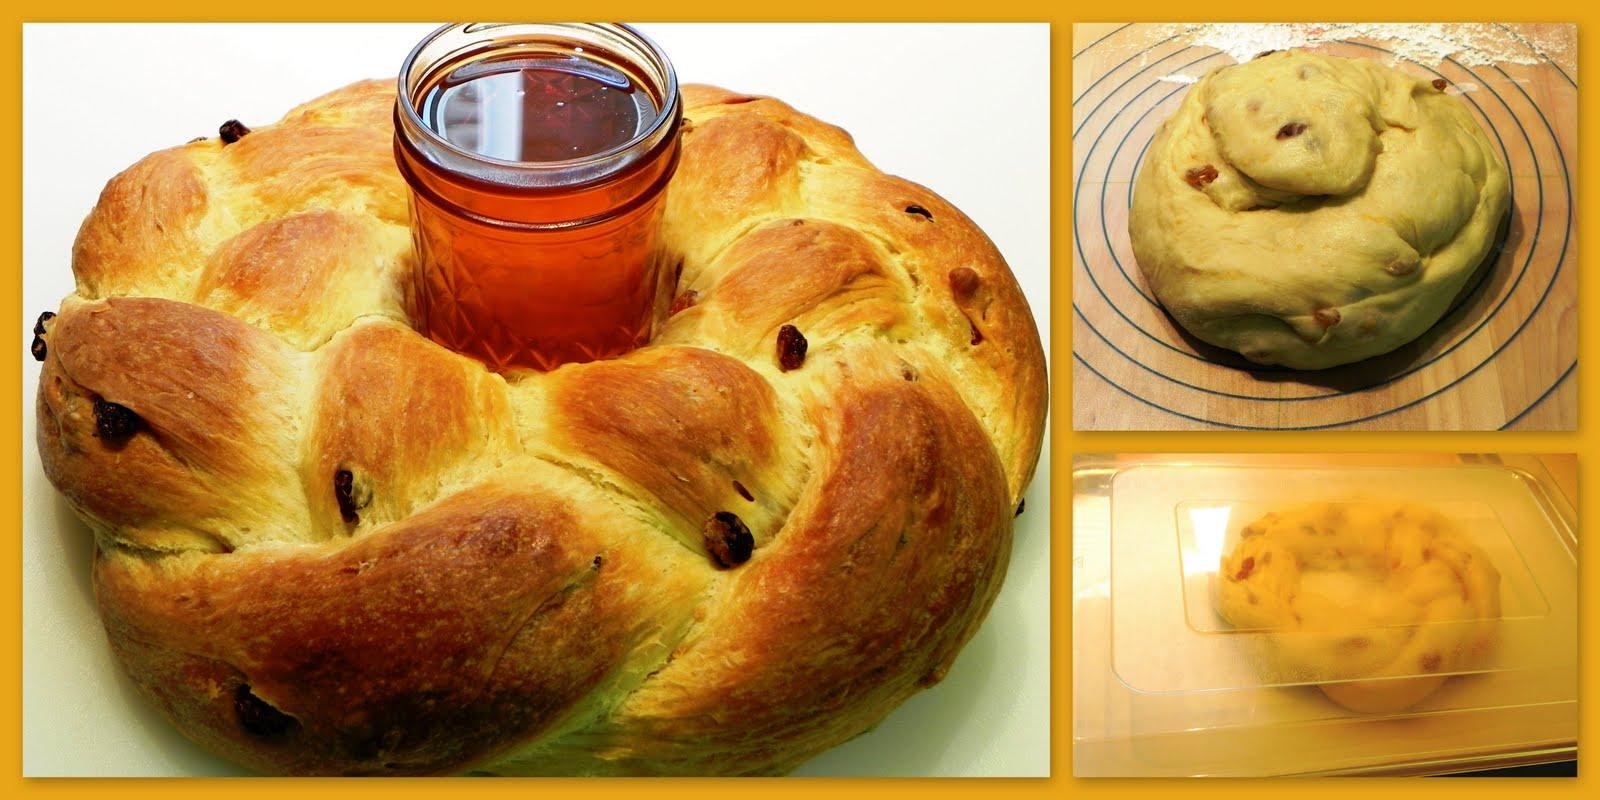 recipe: paska recipe with saffron [23]